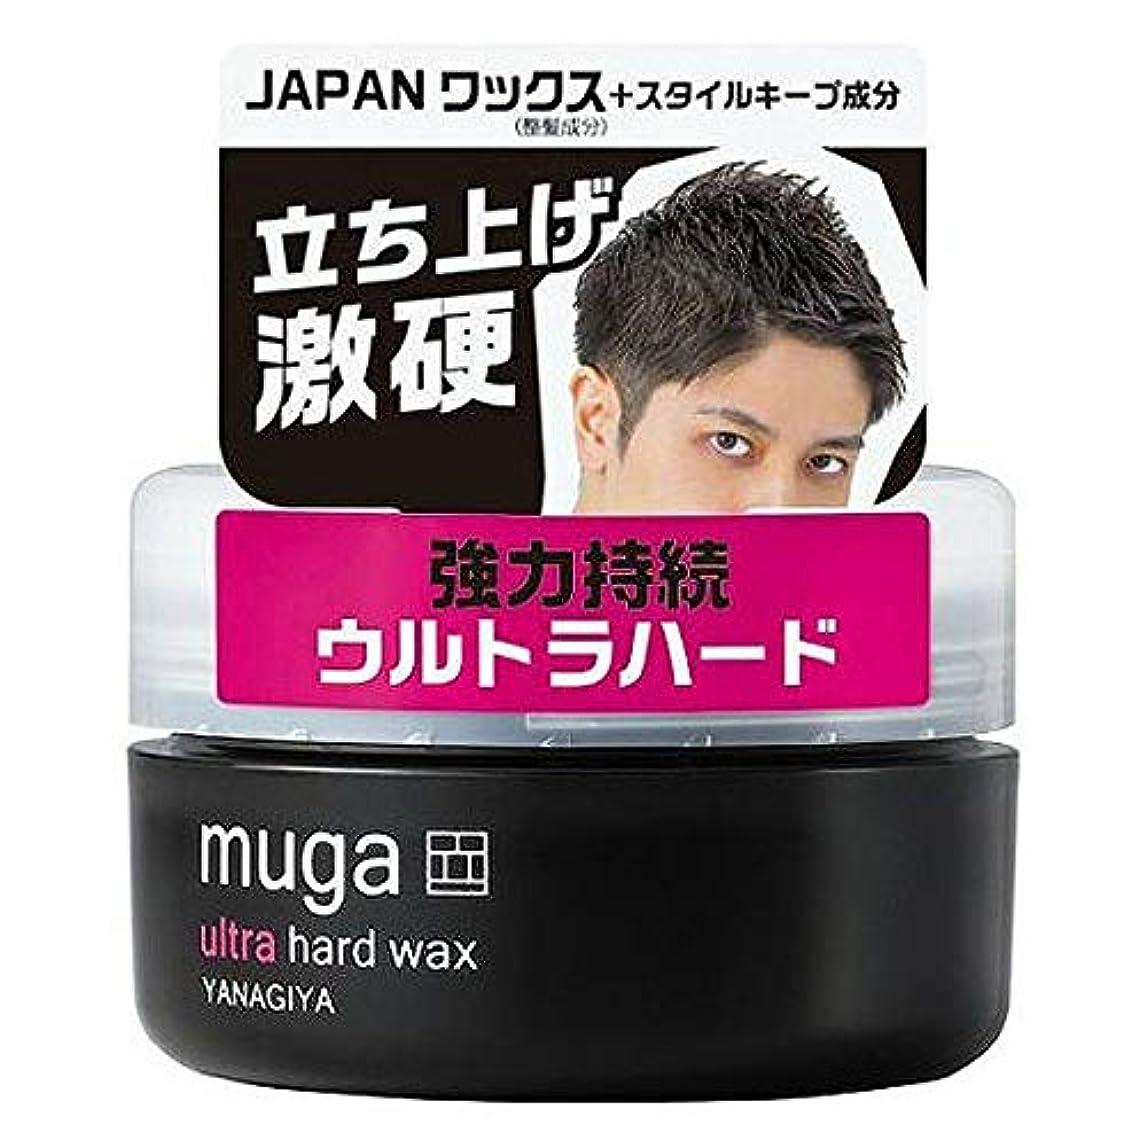 左粉砕する落胆する【柳屋本店】MUGA ウルトラハードワックス 85g